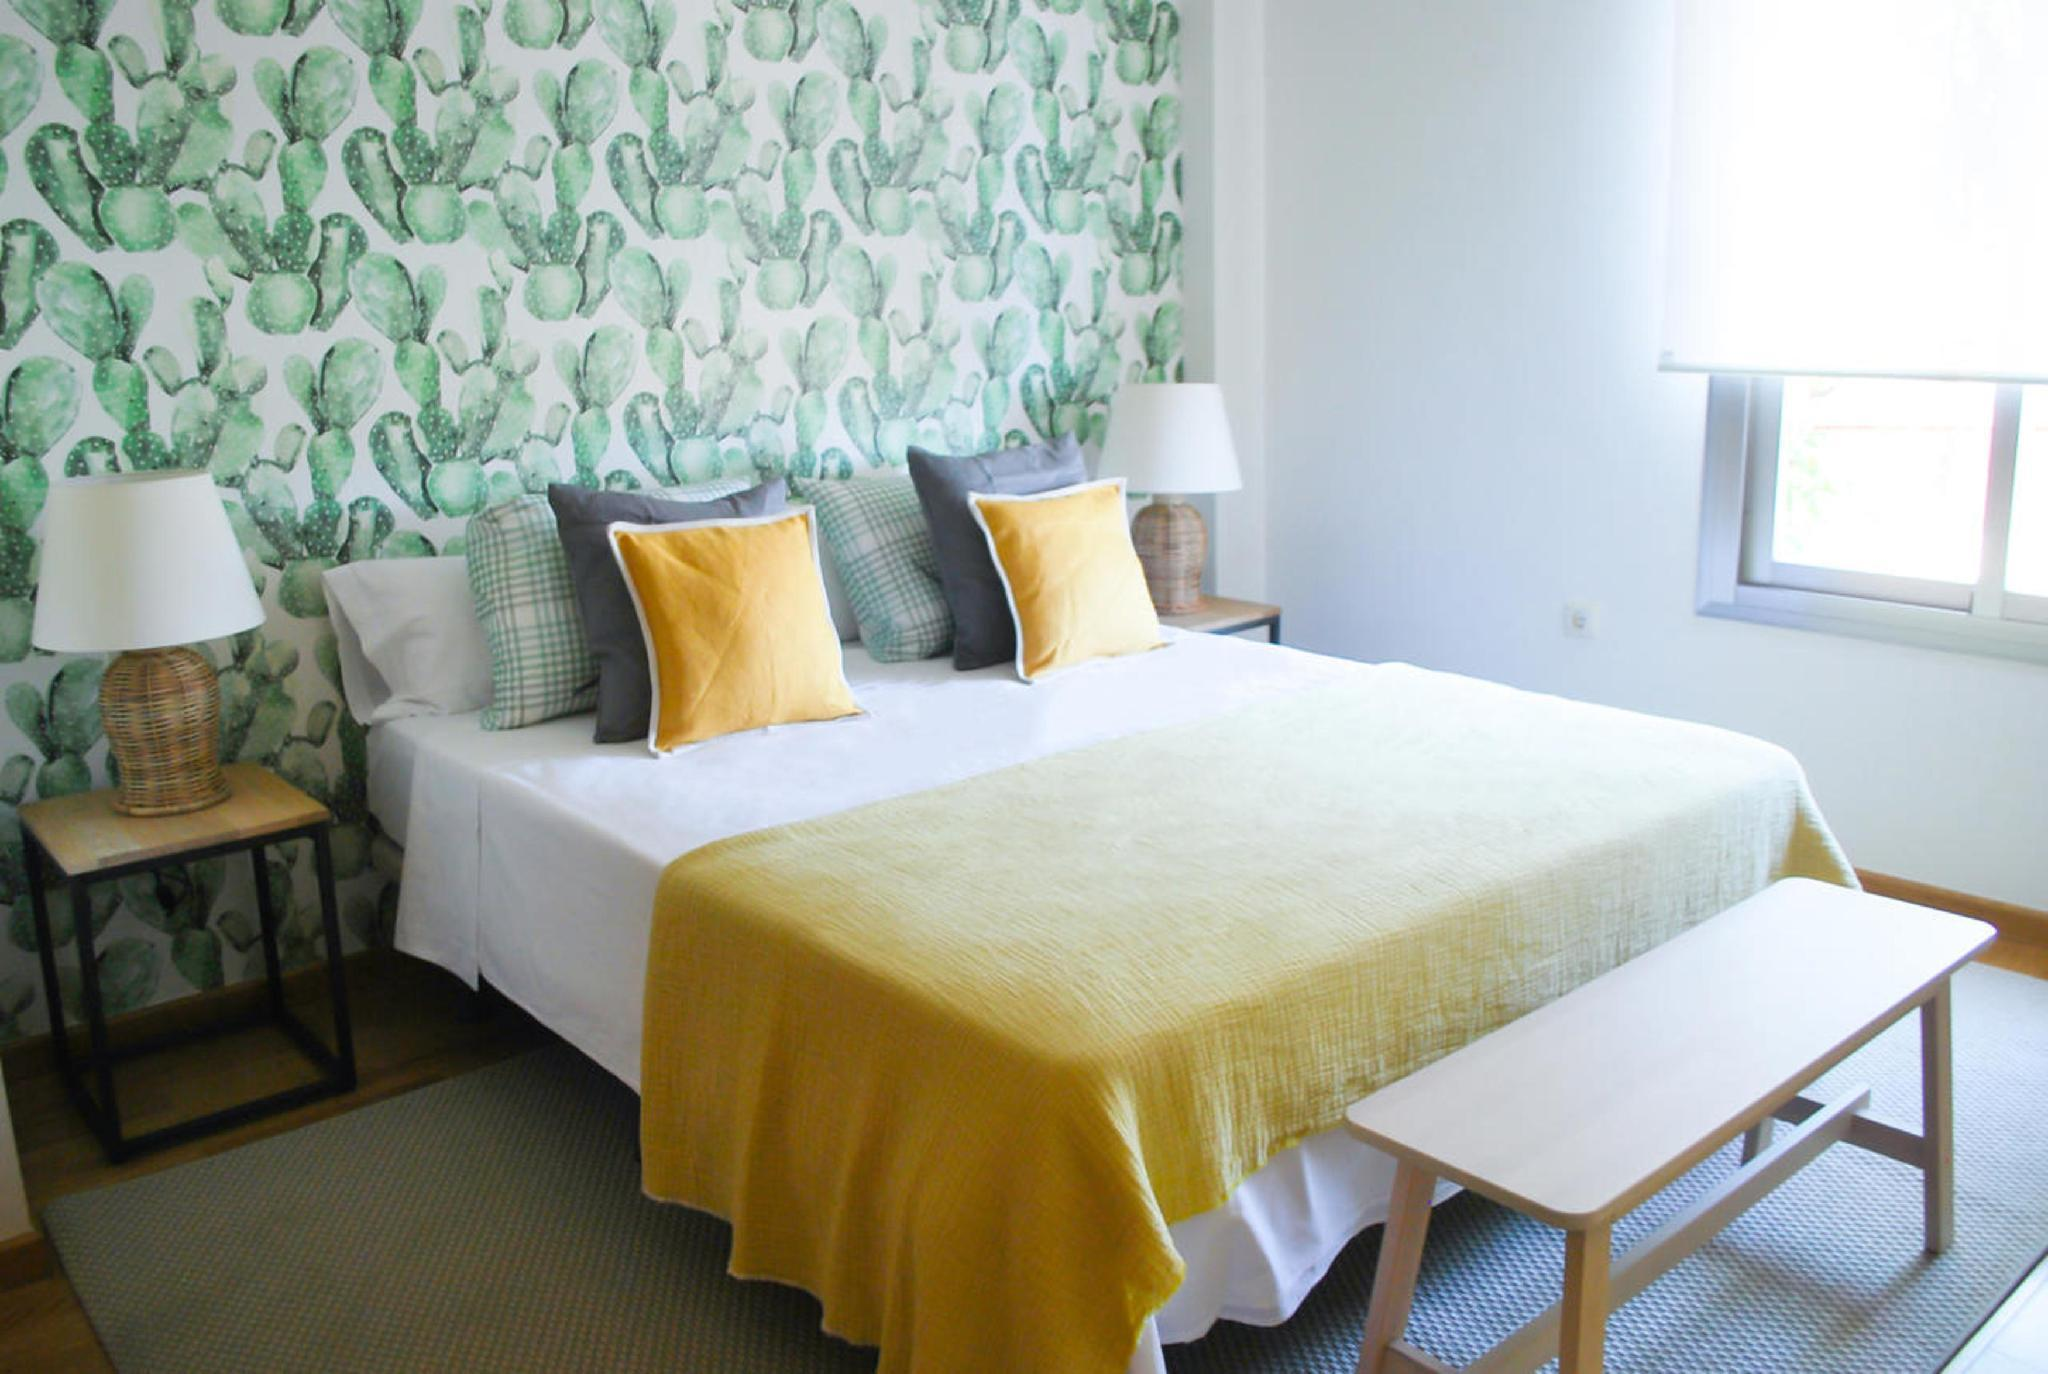 107214  Apartment In Mlaga